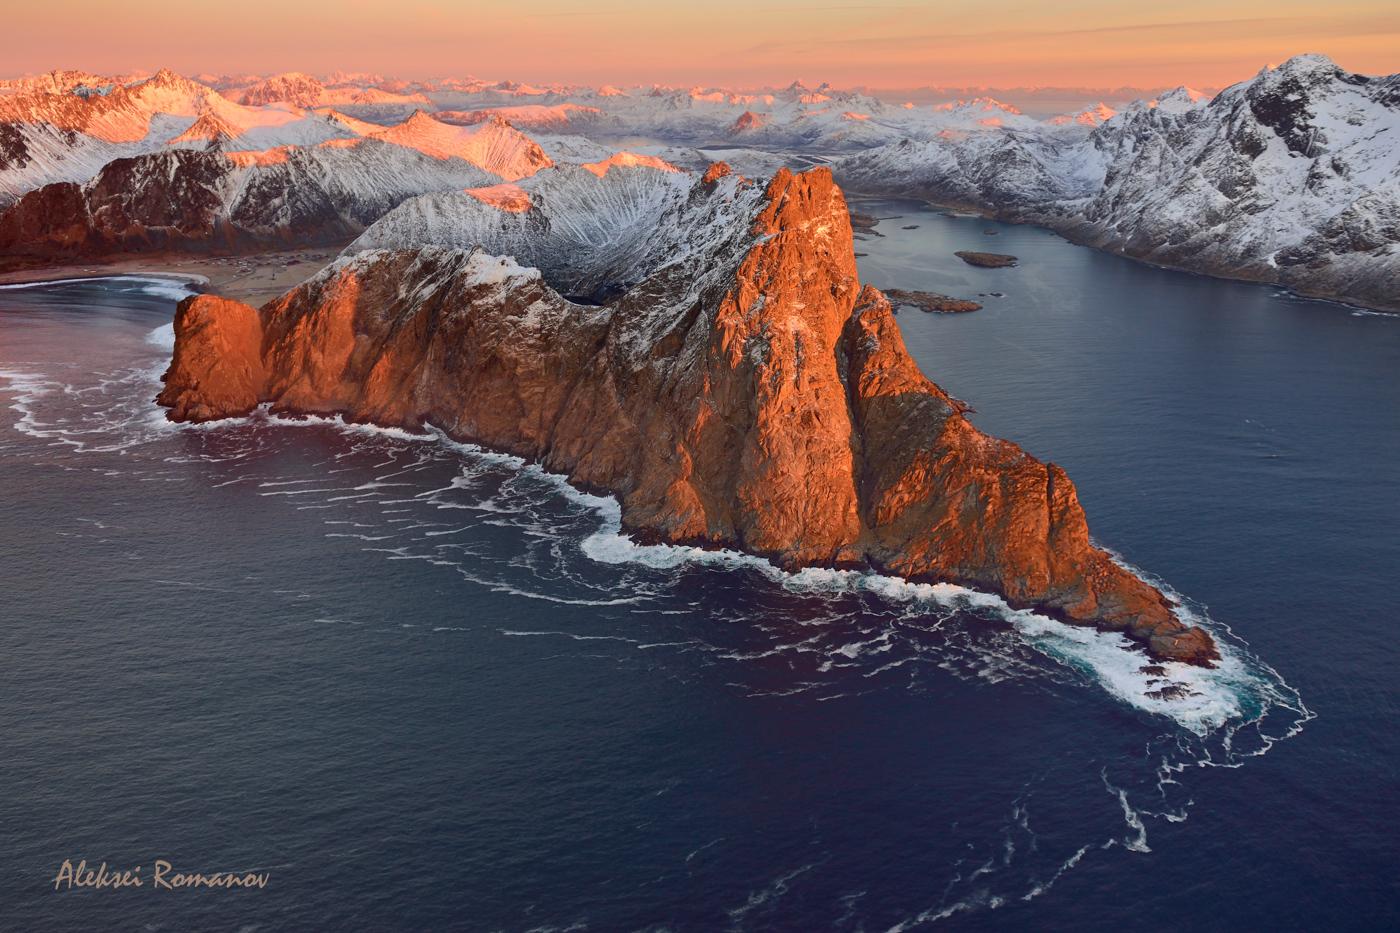 Норвегия, Лофотенские острова, природа, горы, закат, путешествия